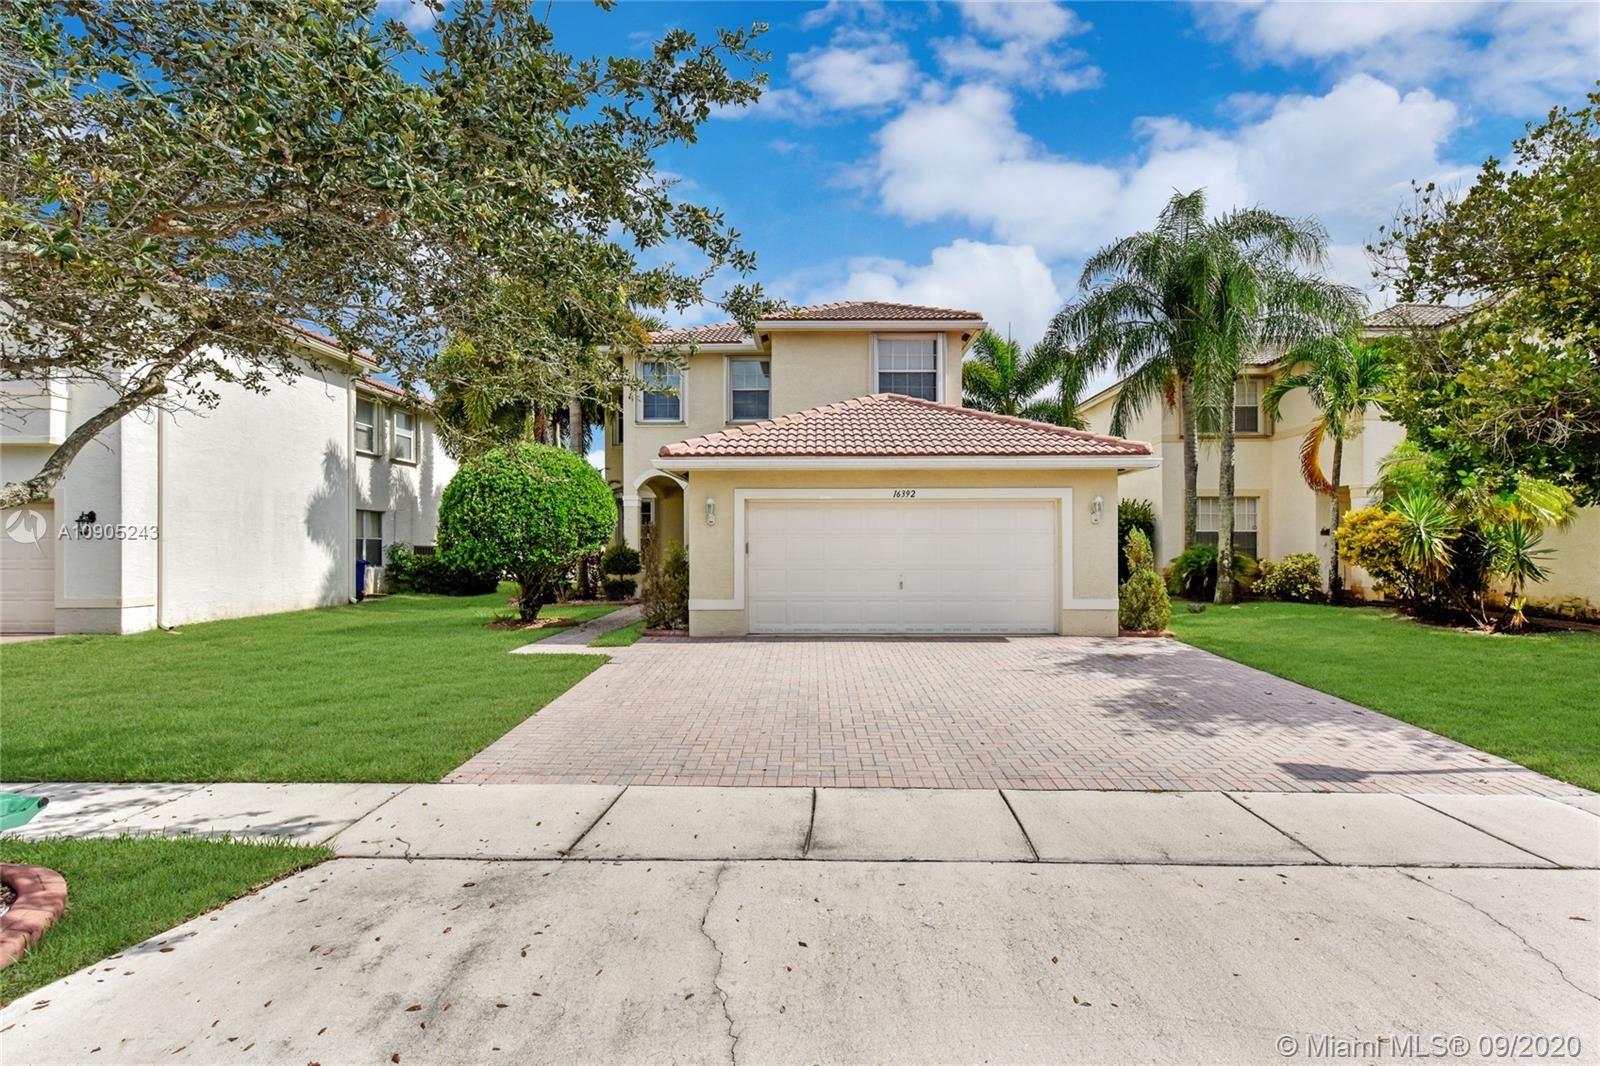 Photo of 16392 SW 29th St, Miramar, FL 33027 (MLS # A10905243)